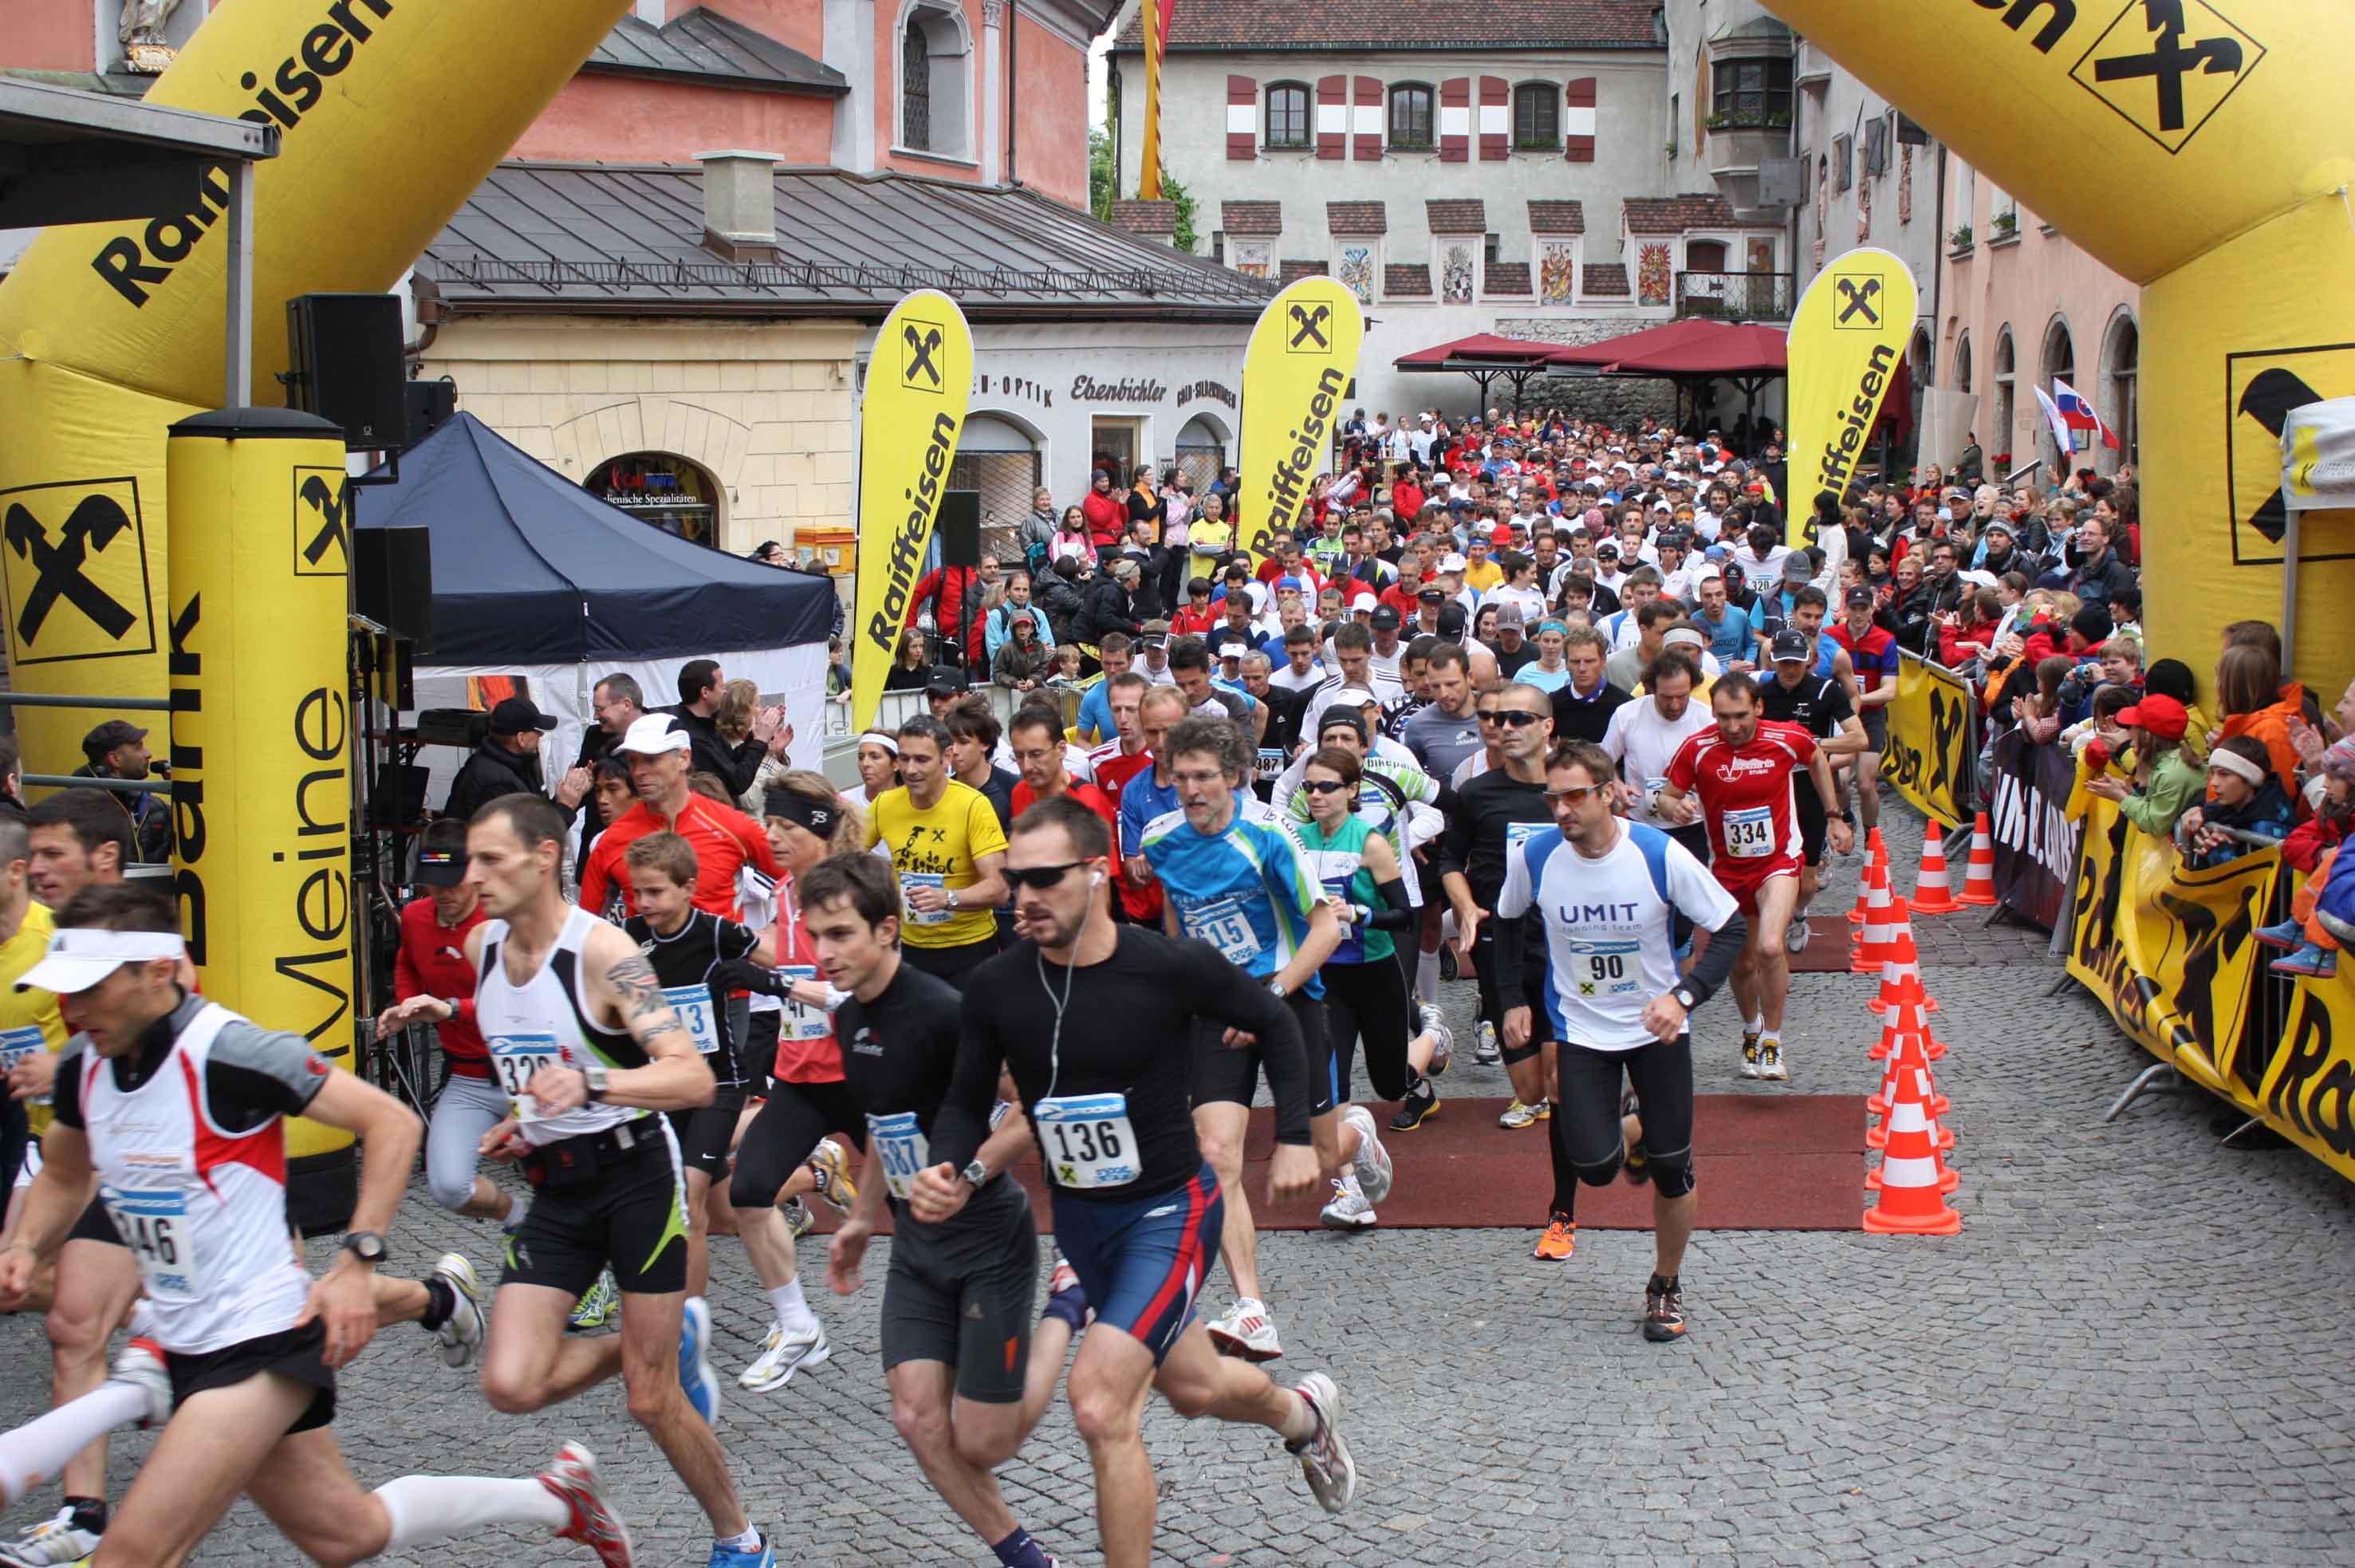 Correre sulle Alpi, la Mezza Maratona di Hall Swarovski Watten